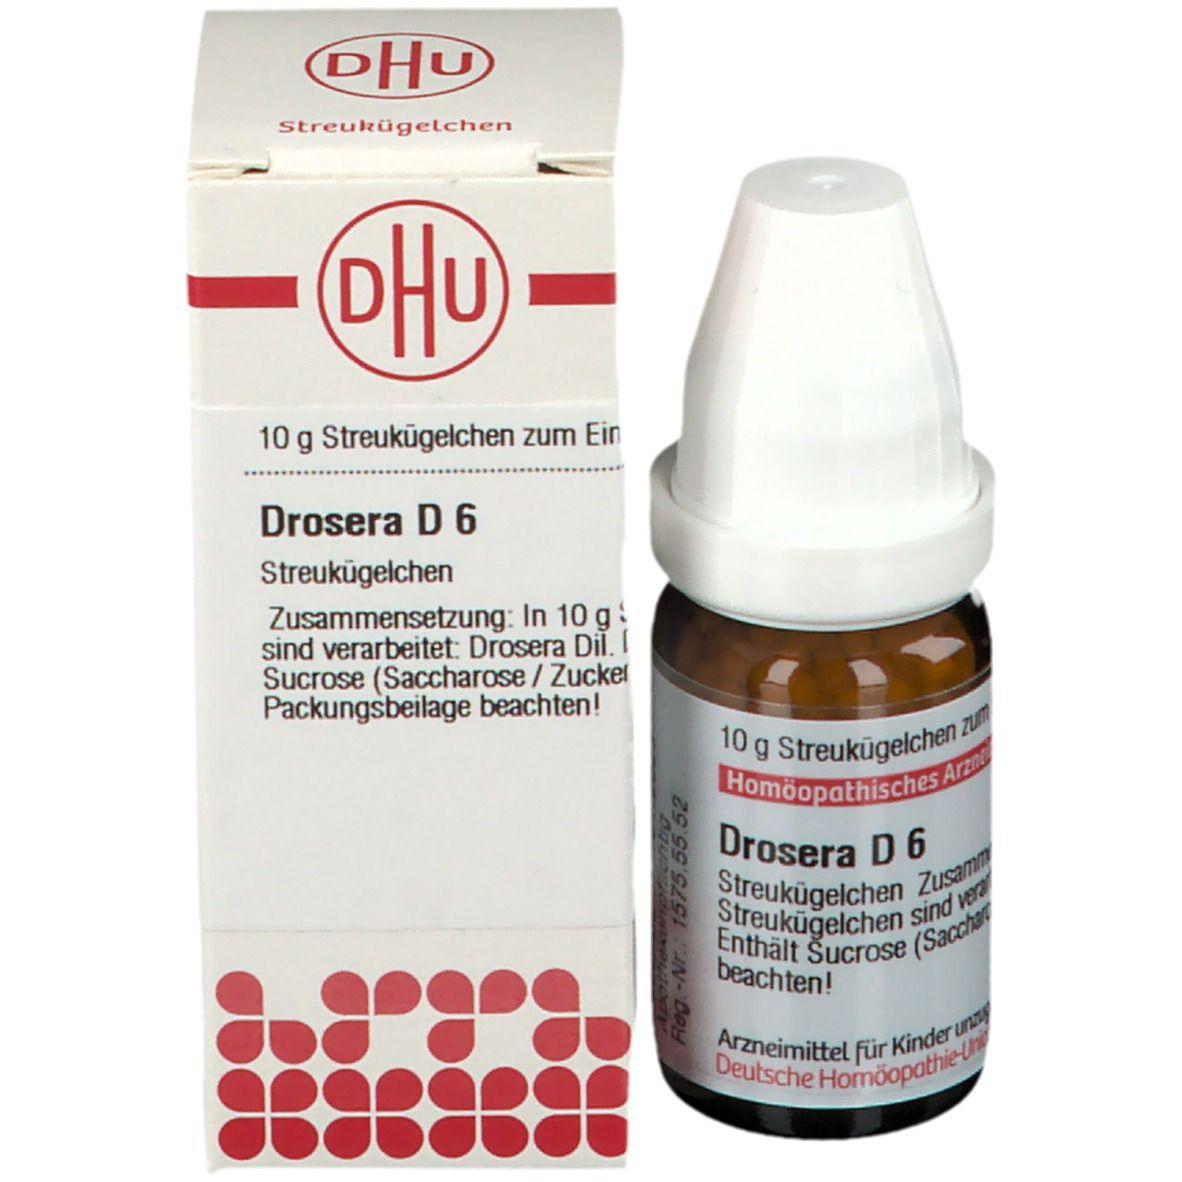 DHU Drosera D6